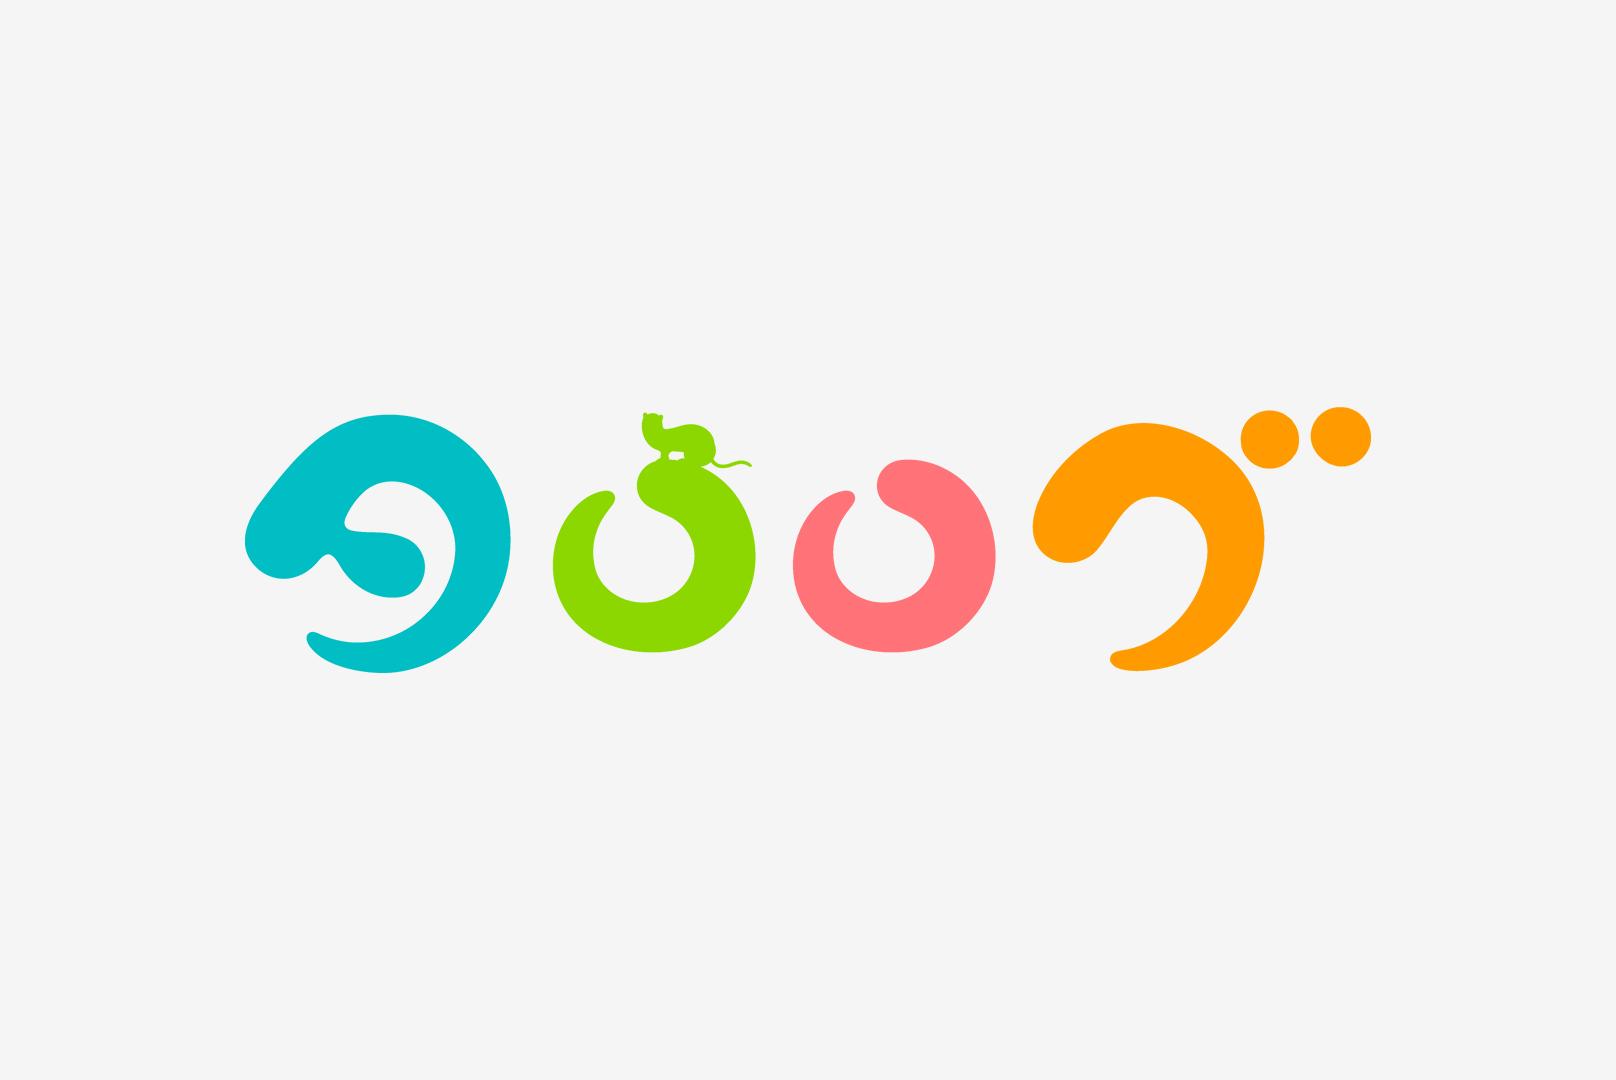 前田高志/NASU | アートディレクター/グラフィックデザイナー